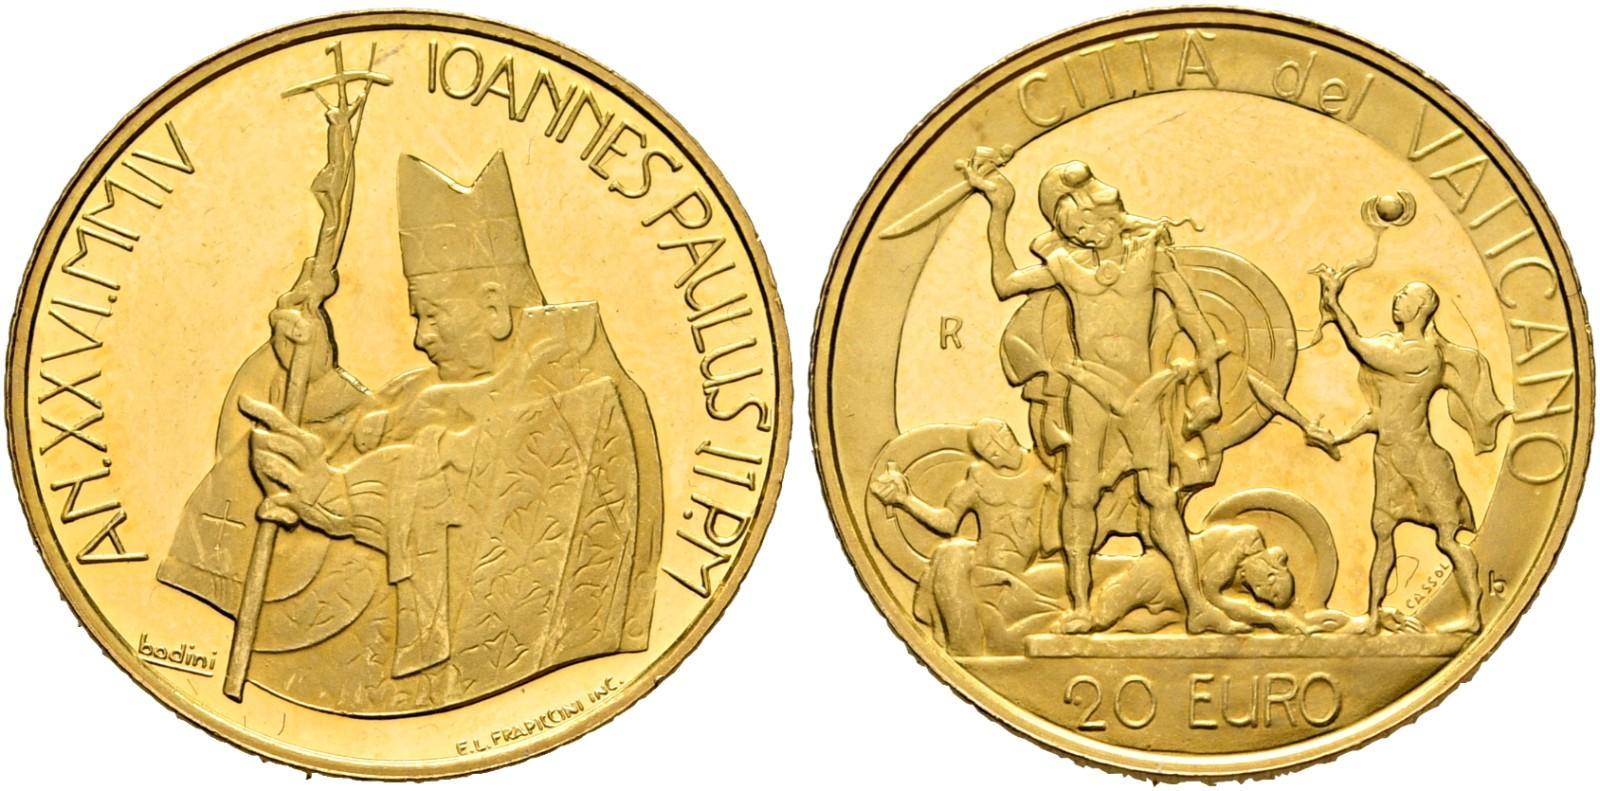 VA 20 Euro 2004 R